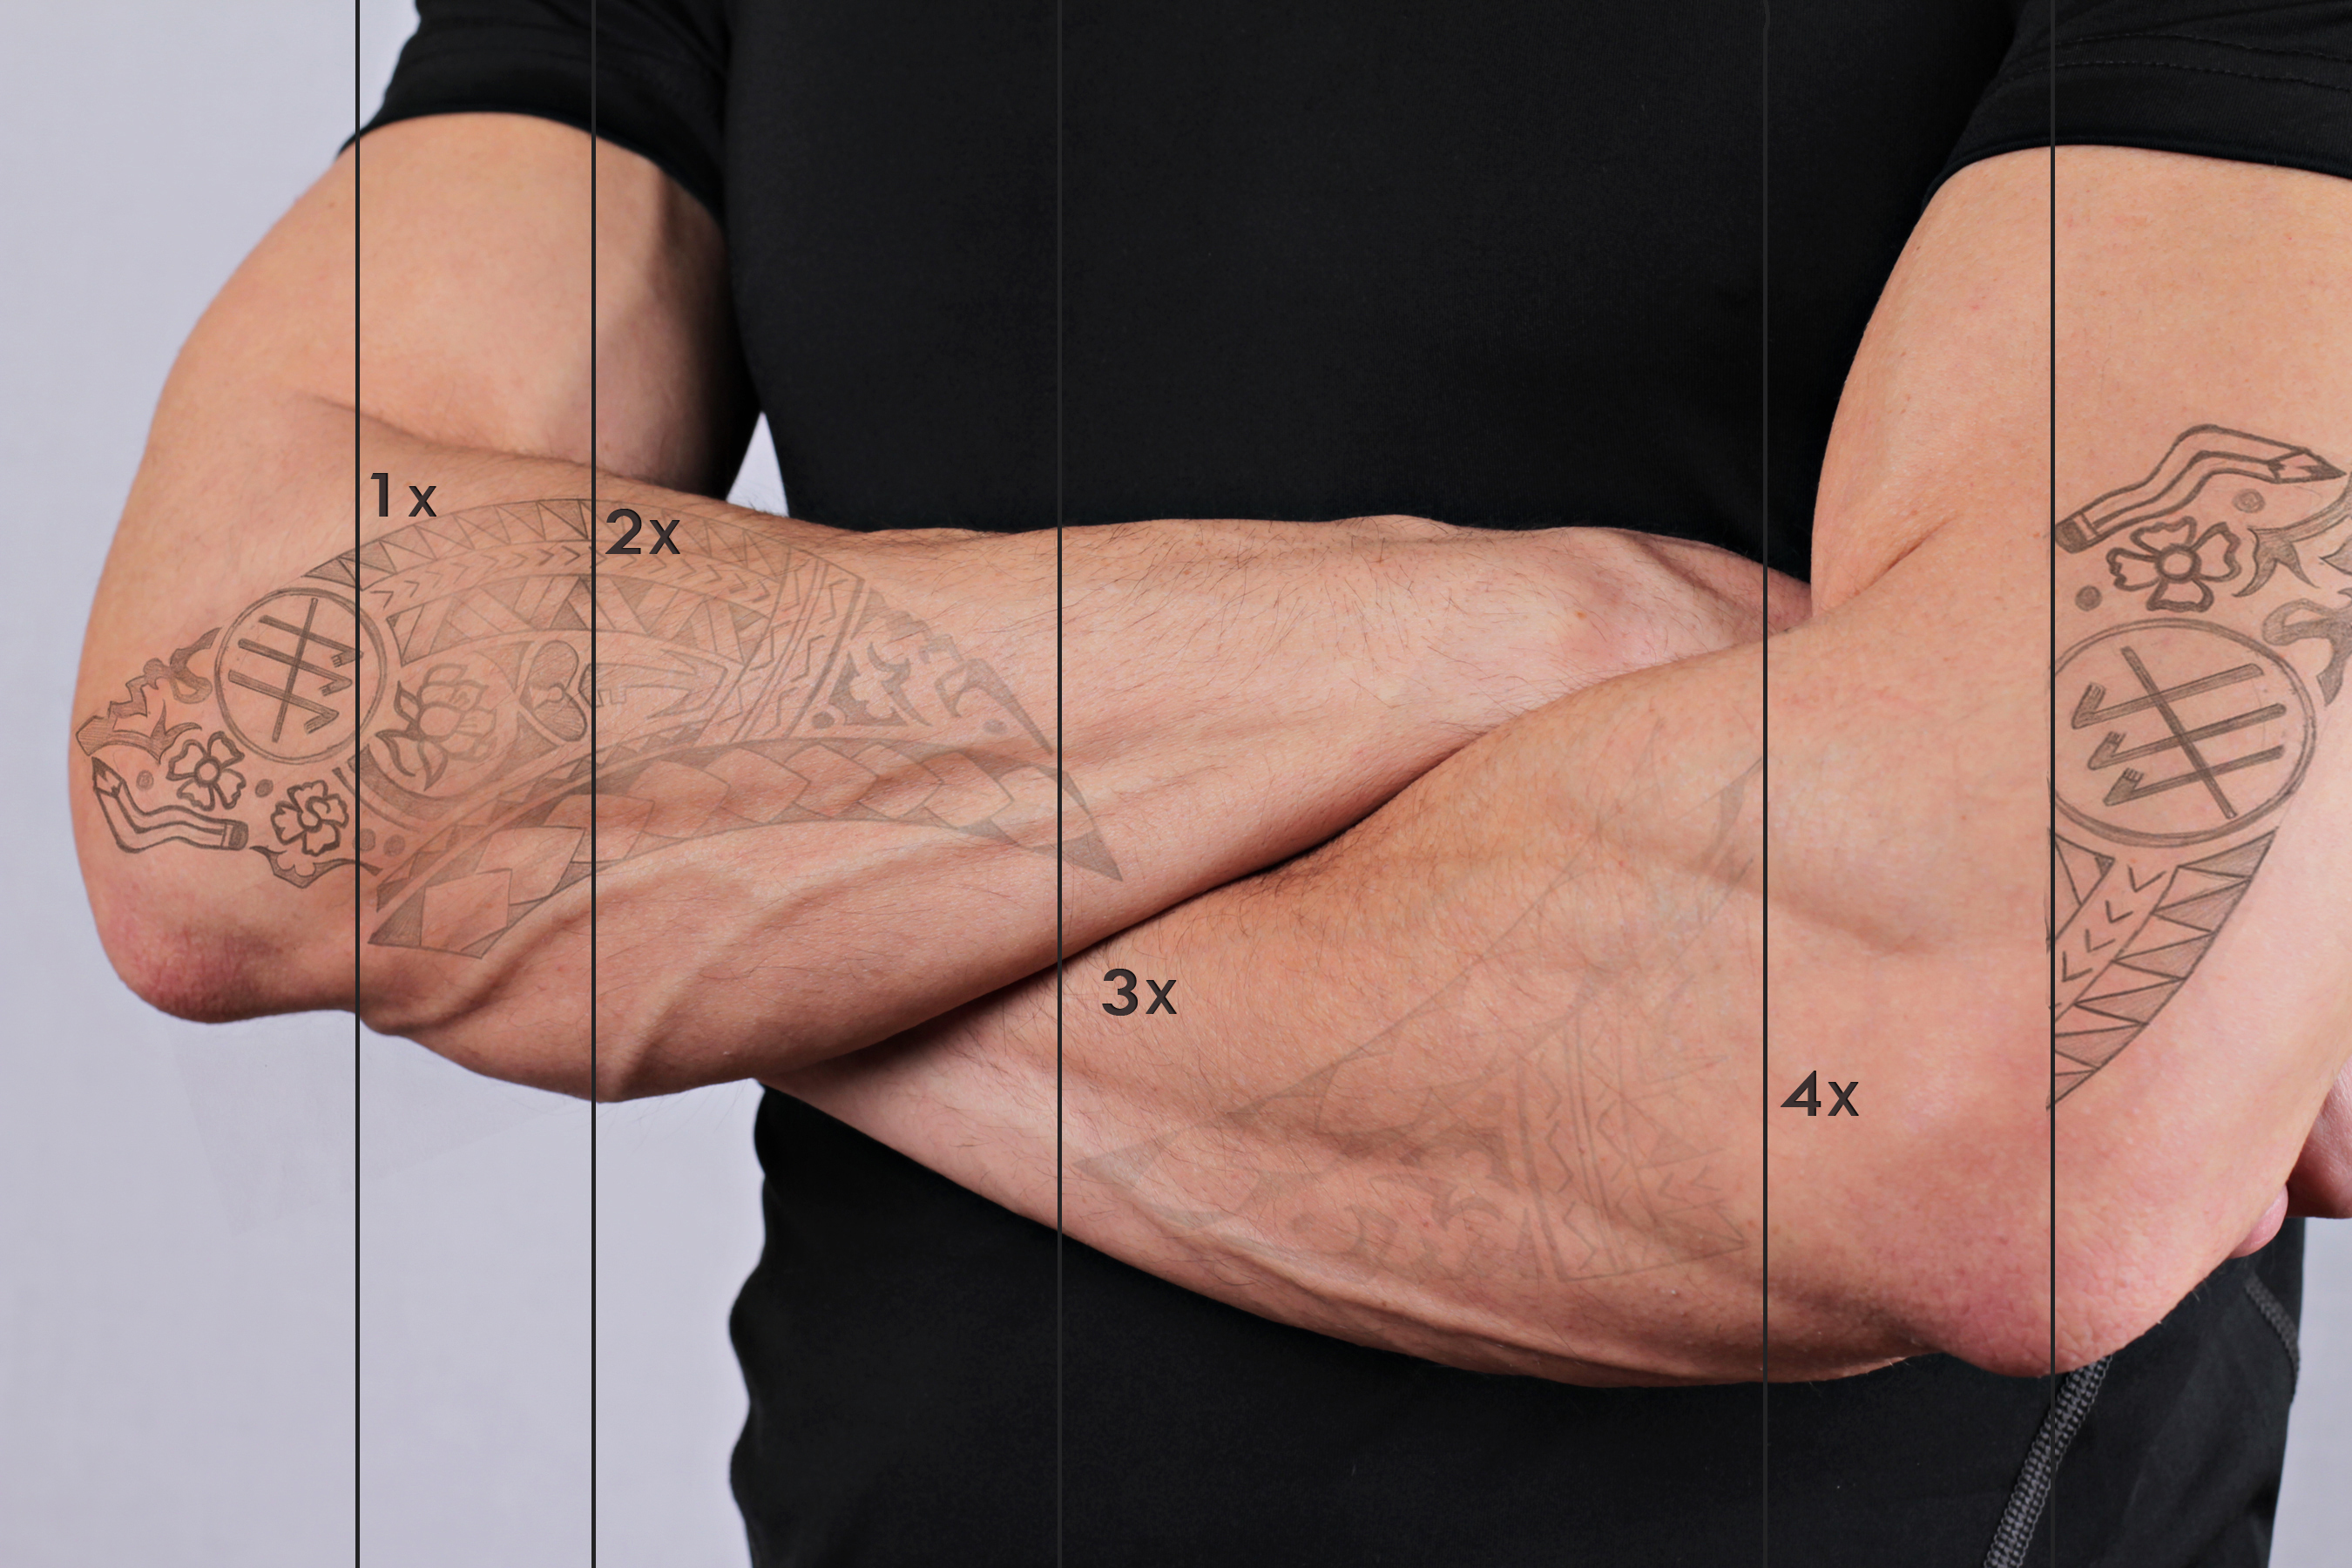 evolucion de la eliminacion de tatuajes por sesiones